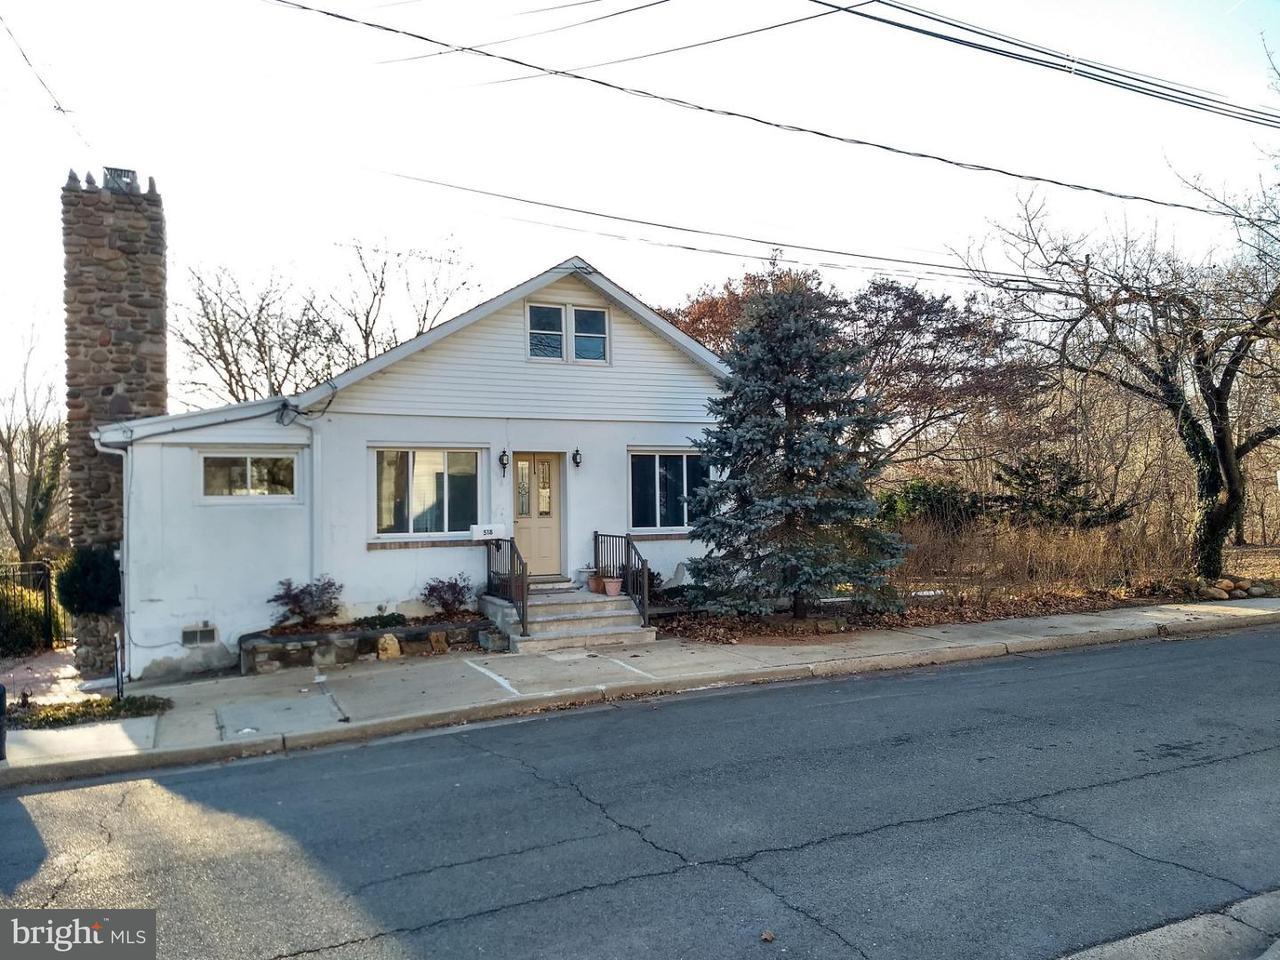 Casa Unifamiliar por un Alquiler en 518 OLIVER Street Bordentown, Nueva Jersey 08505 Estados Unidos